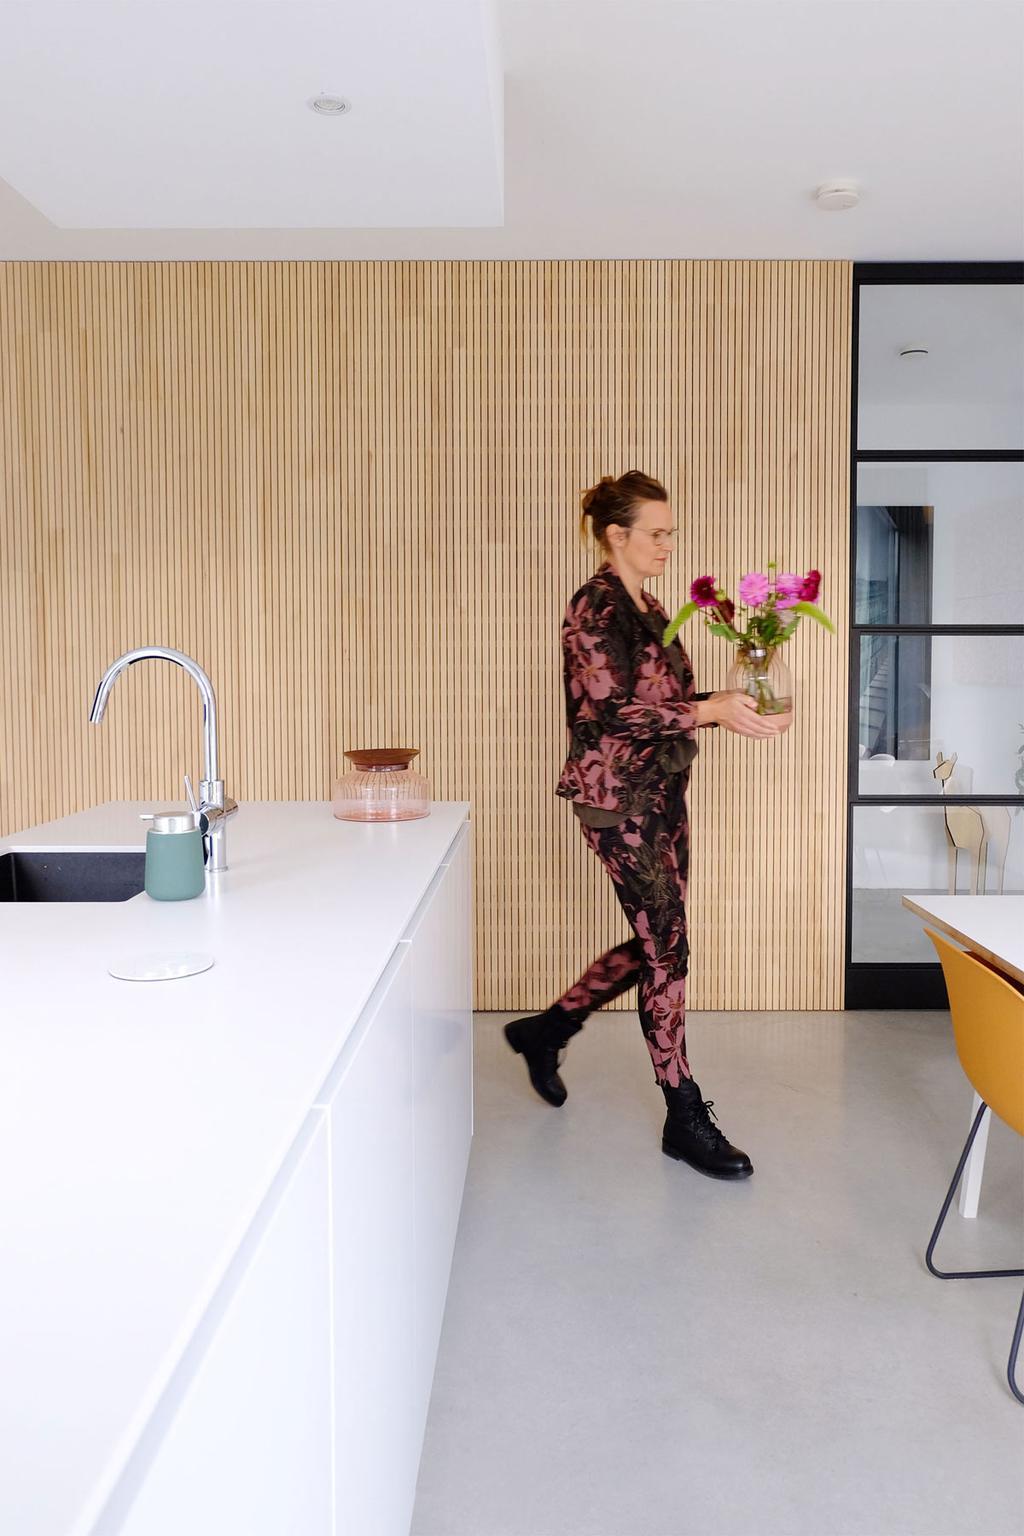 Wit kookeiland in de designkeuken van PRCHTG met houten muur.